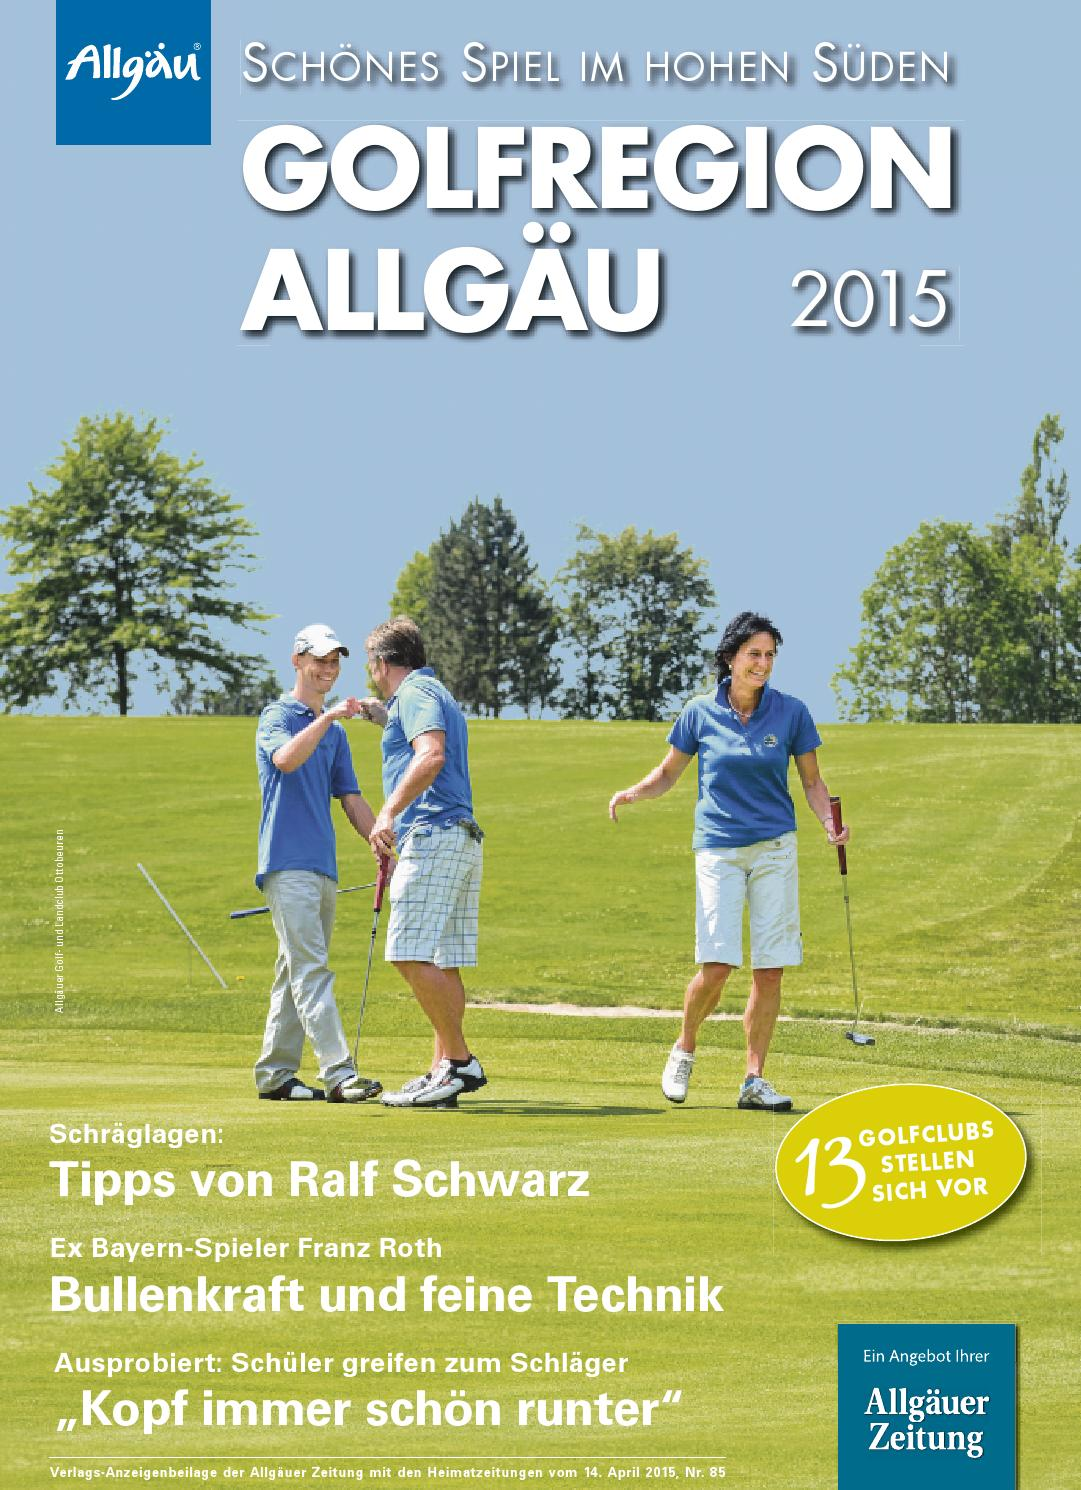 Golfregion Allgäu 2015 by rta.design GmbH - issuu